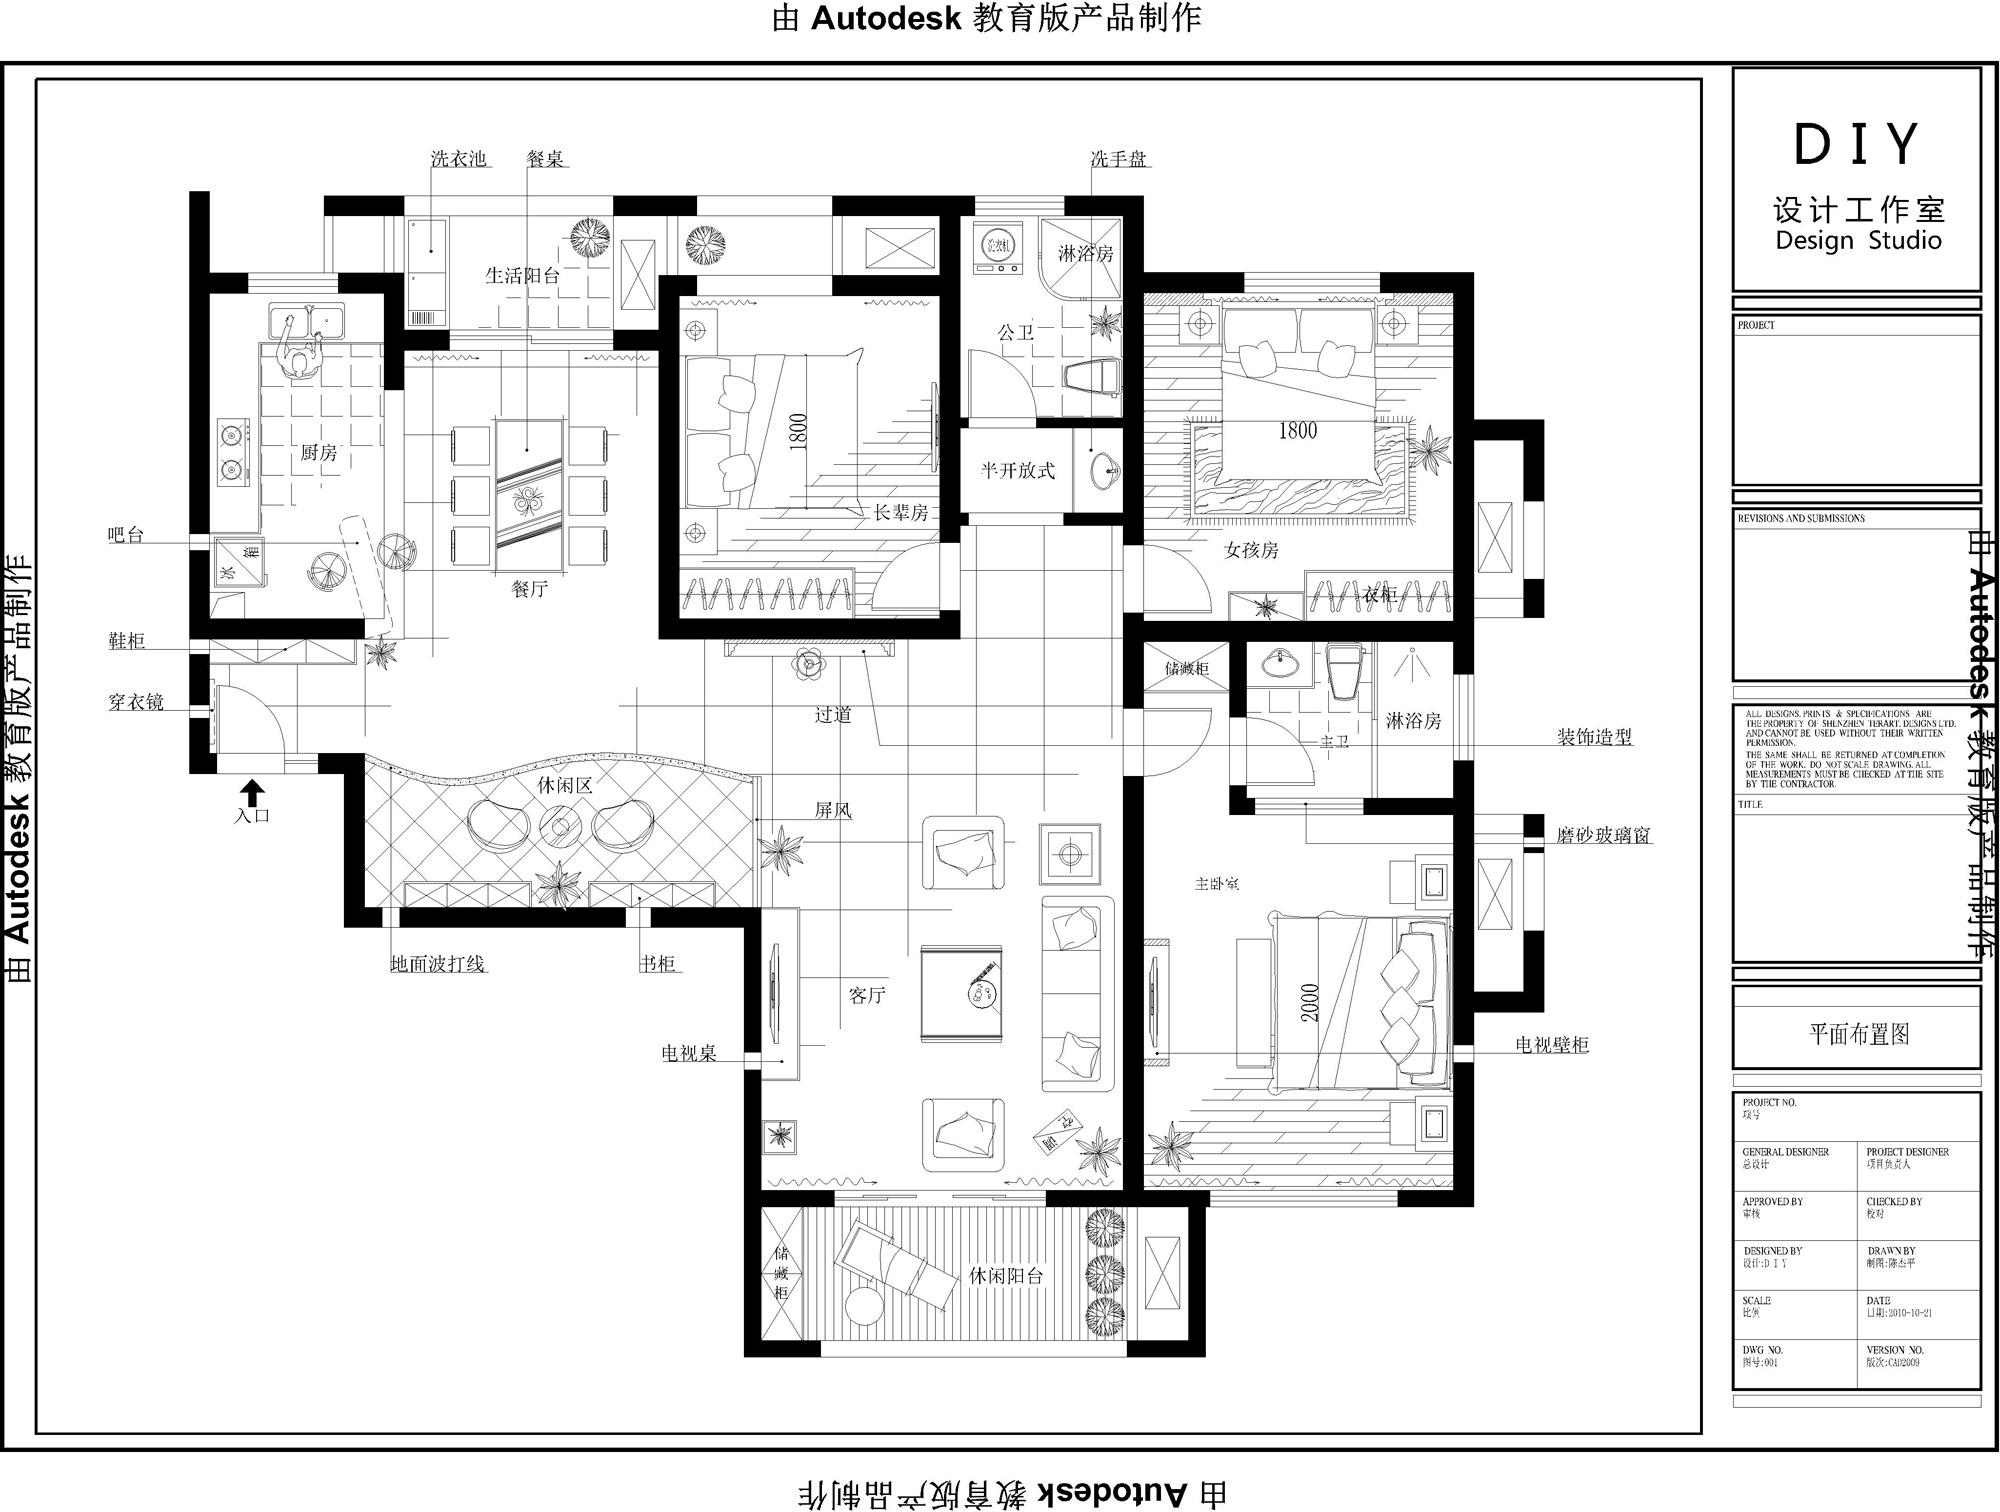 征集三室两厅房子装修设计图方案,高手设计师们请进! 总体要求:简捷,大方,实用,大气、有现代感、雅致。不论是什么设计风格要有特色,不俗套。设计稿(平面图和效果图)要求注明配色方案(包括窗帘和沙发等)和材料的选取及装修时注意事项(最好提供装修预算)。 01、户 型:三室两厅二卫一厨,总建筑面积143平方米,建筑层高2.